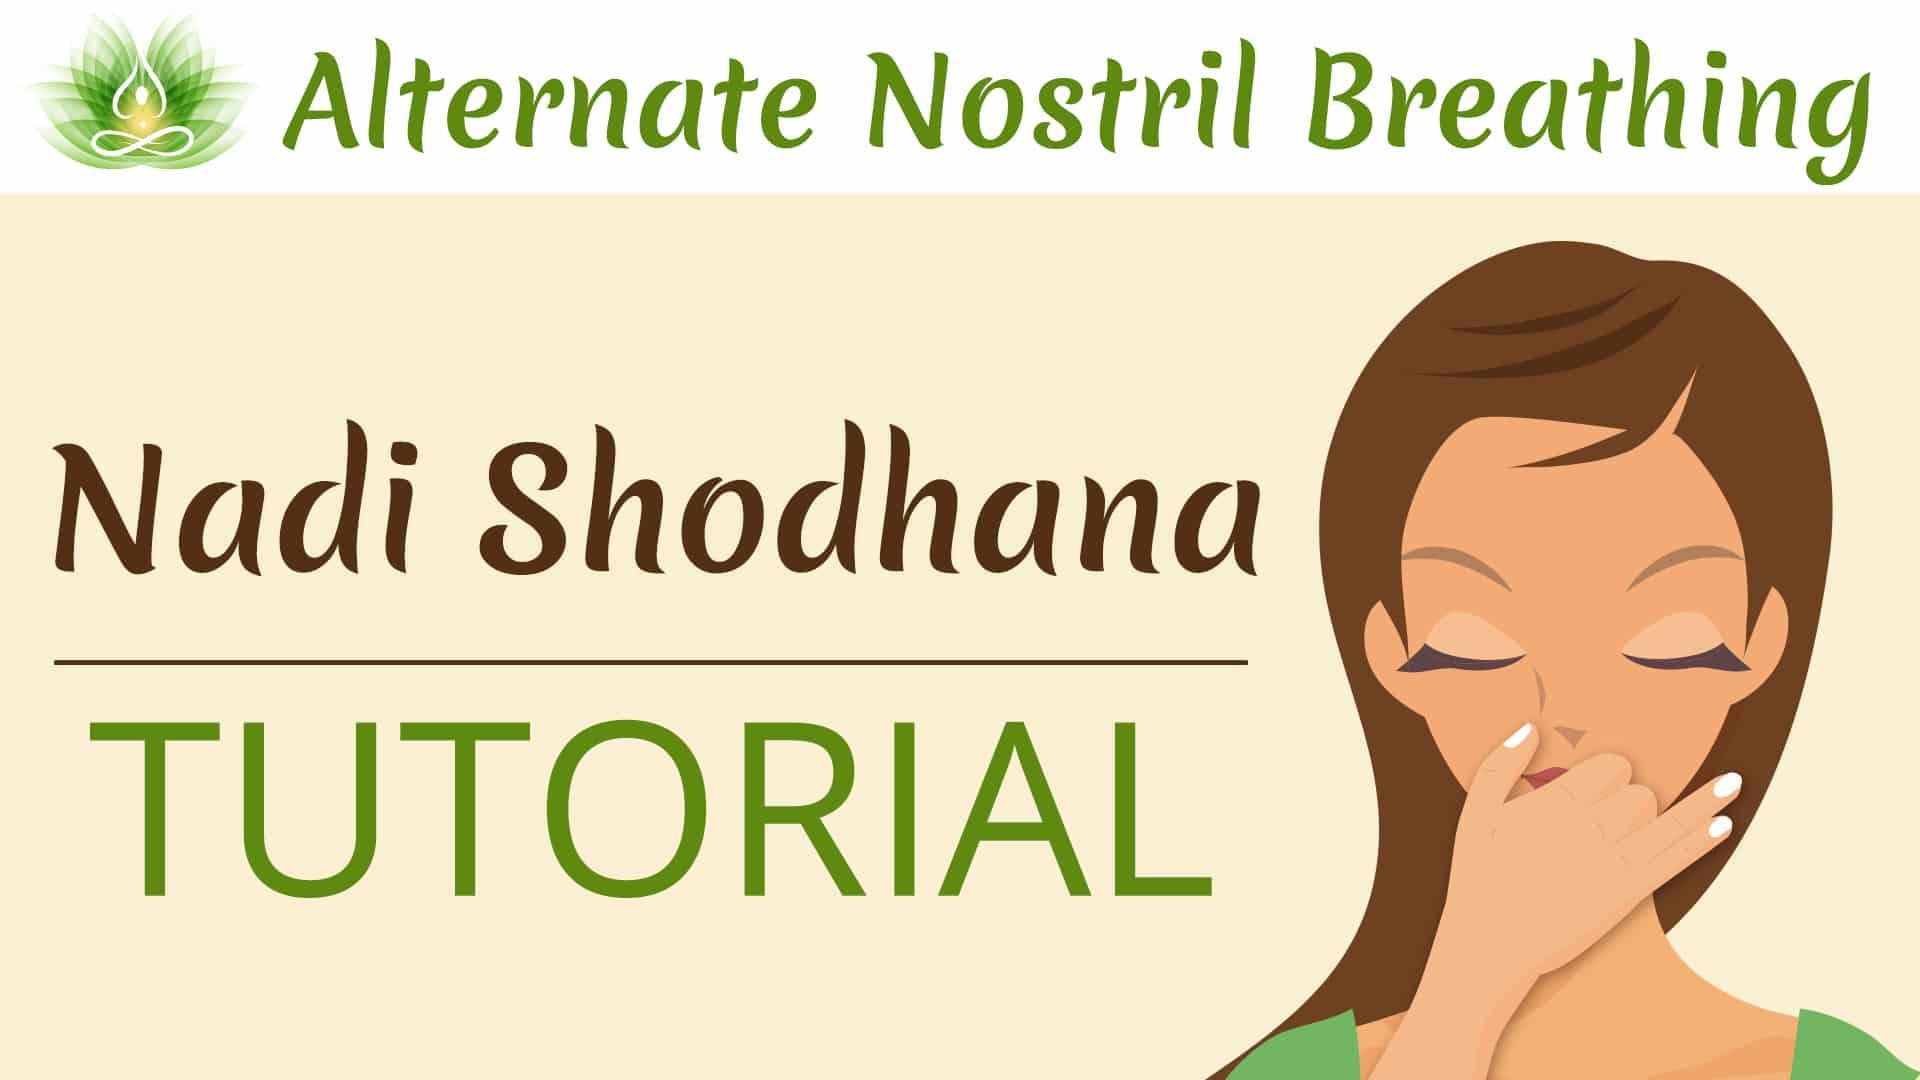 Nadi Shodhana